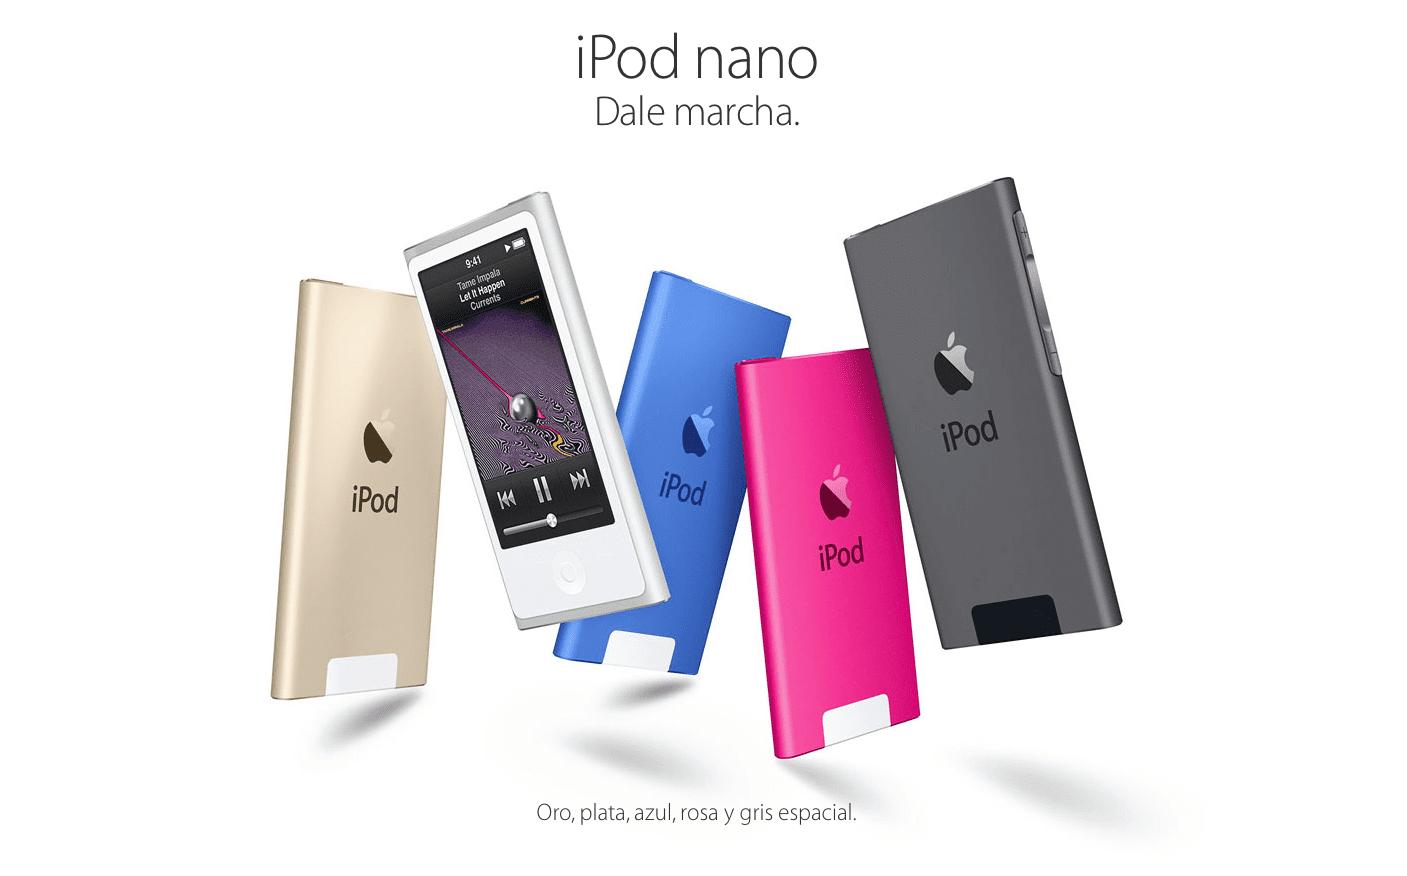 https://www.infotechnology.com/gadgets/Llego-el-nuevo-iOS-13-a-los-iPhone-como-hay-que-hacer-para-instalarlo-ya-20190920-0004.html